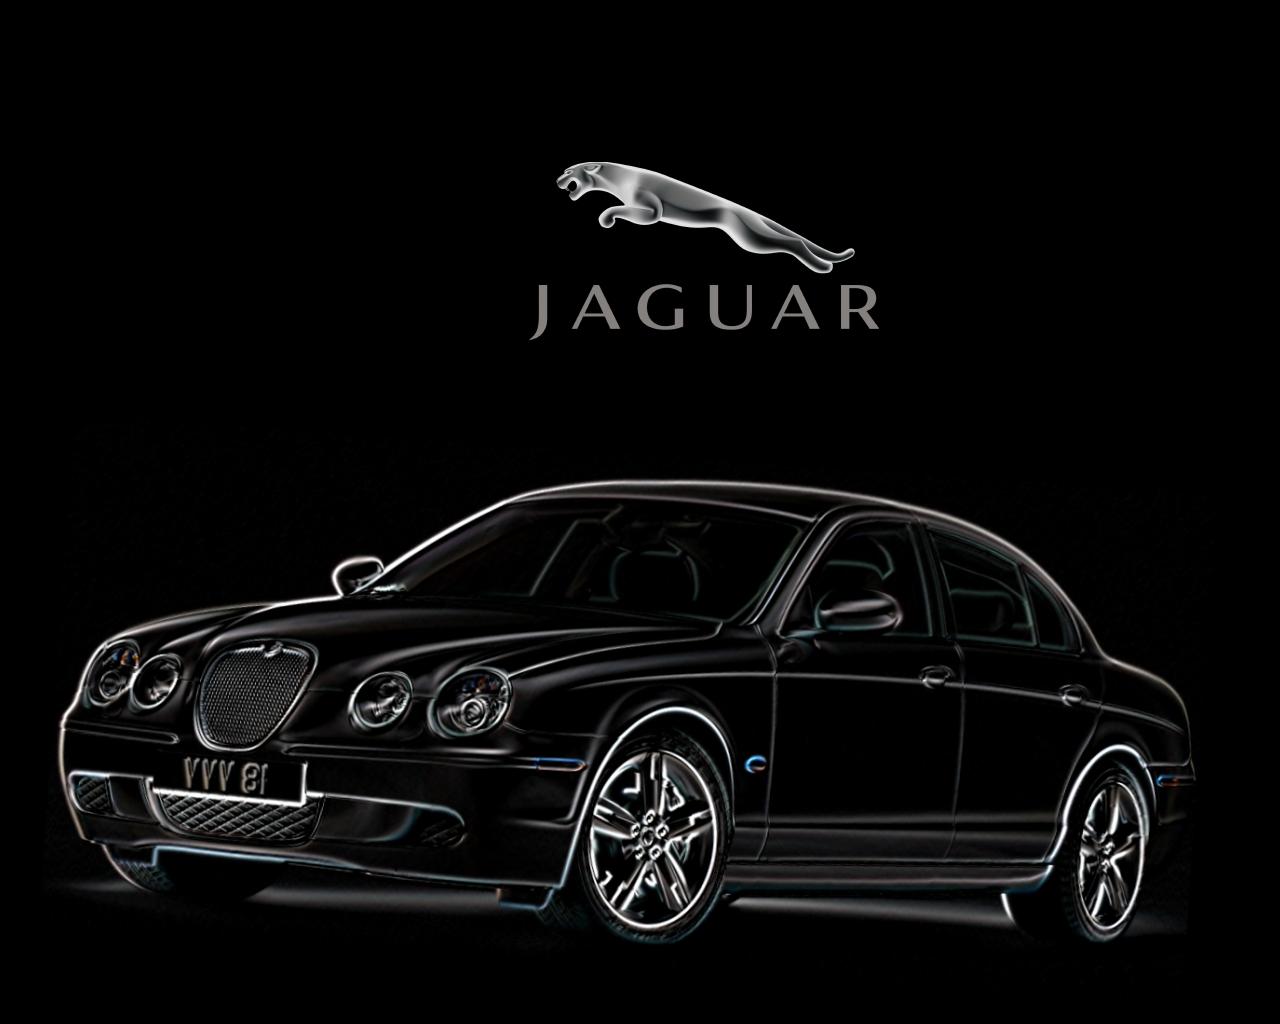 42037168 76c0709f6e o jaguar S type